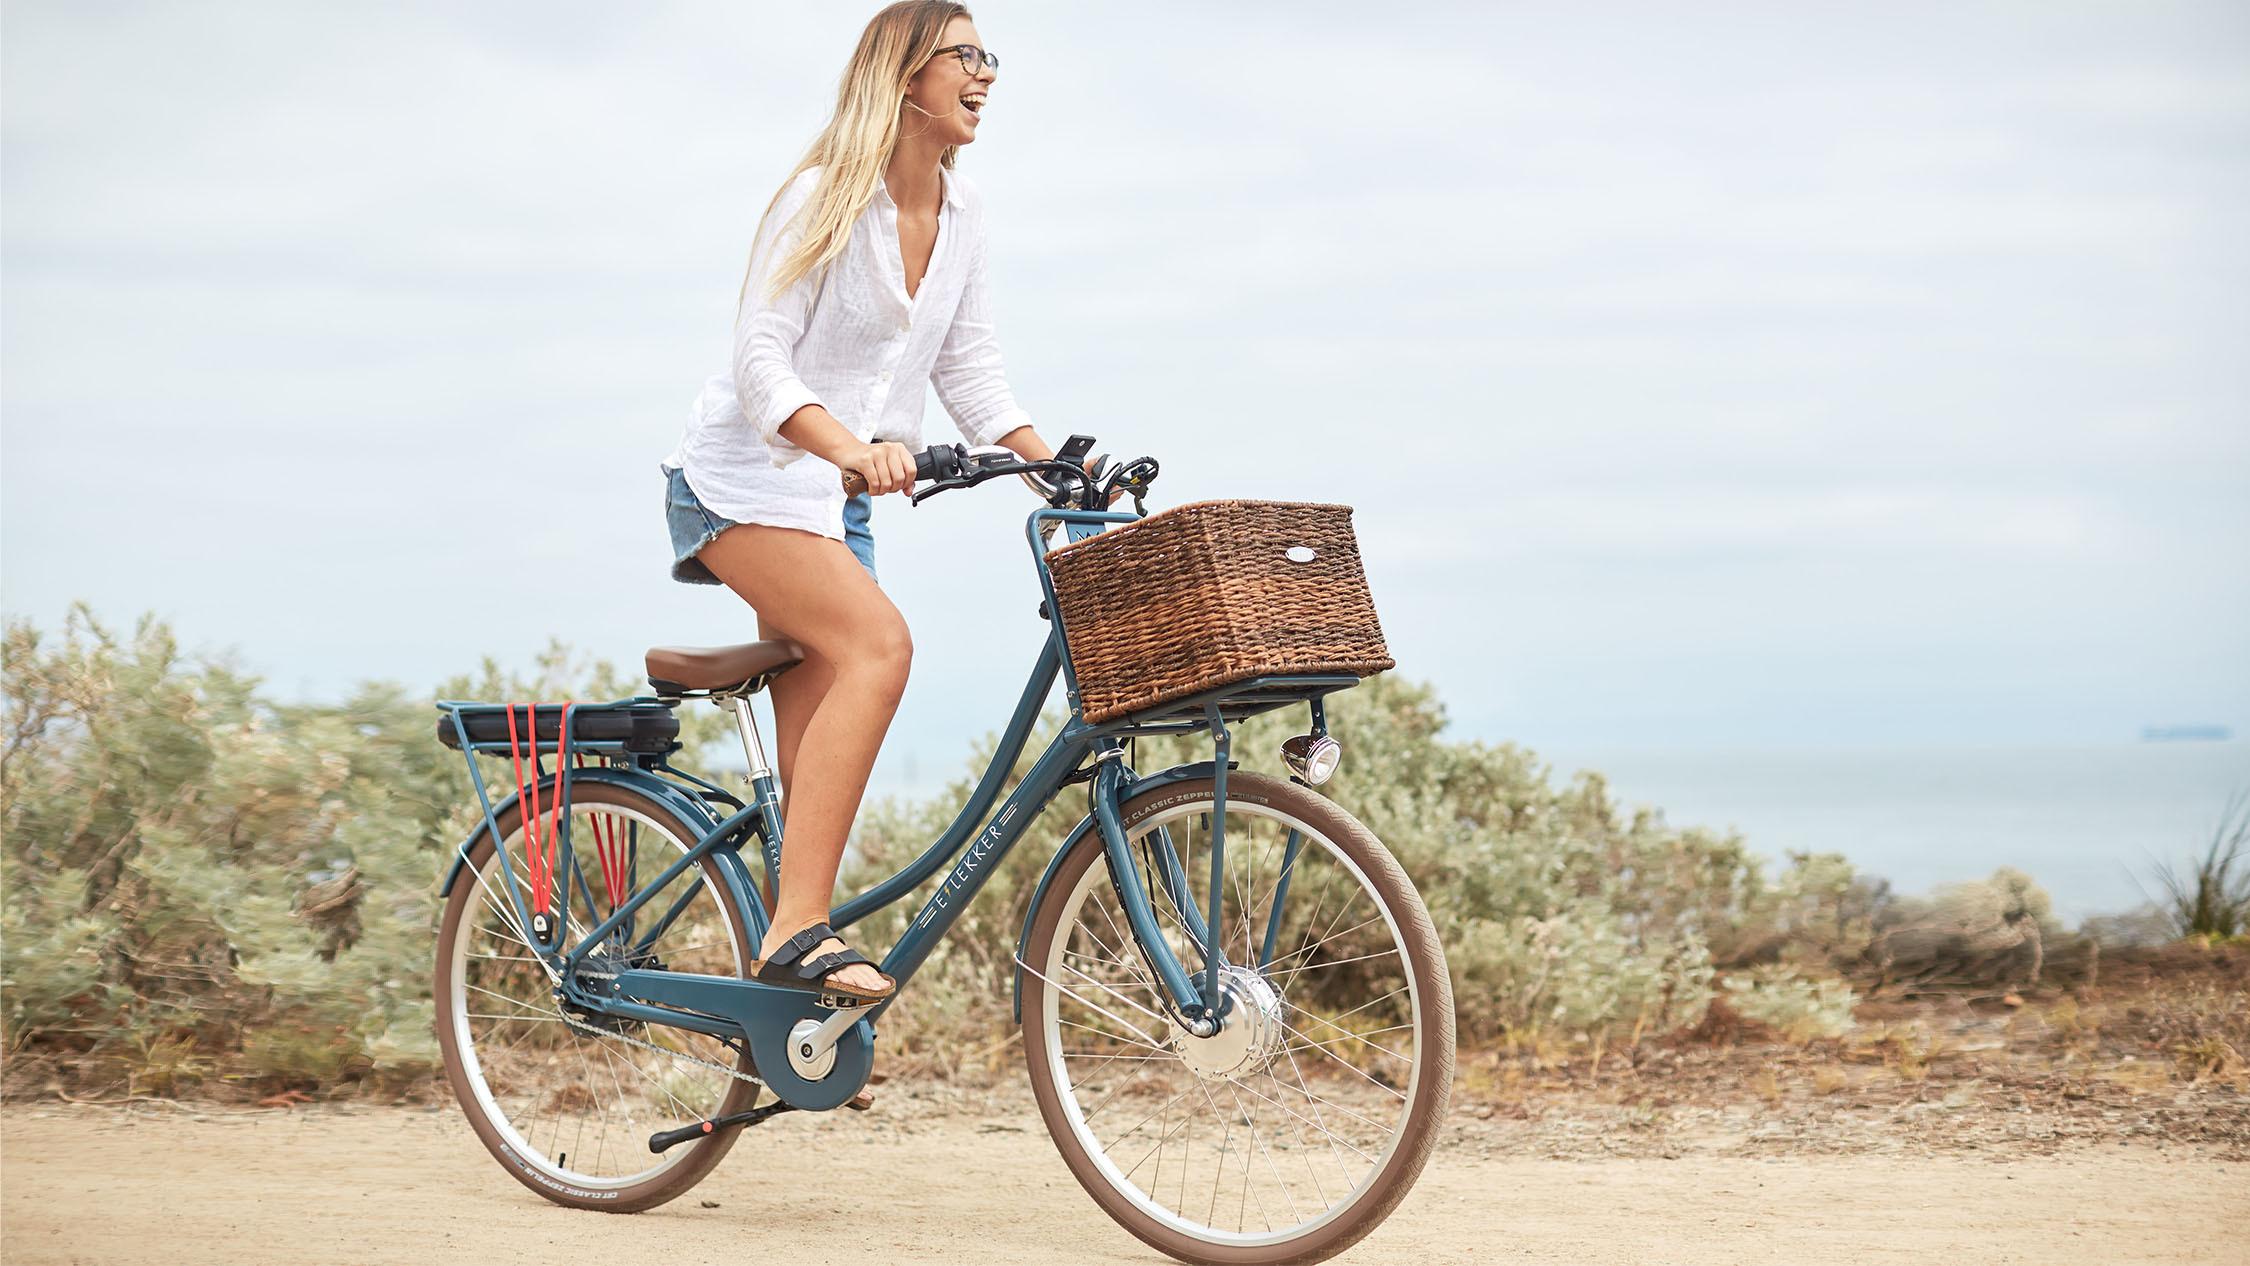 Lekker E-Bike Test Day